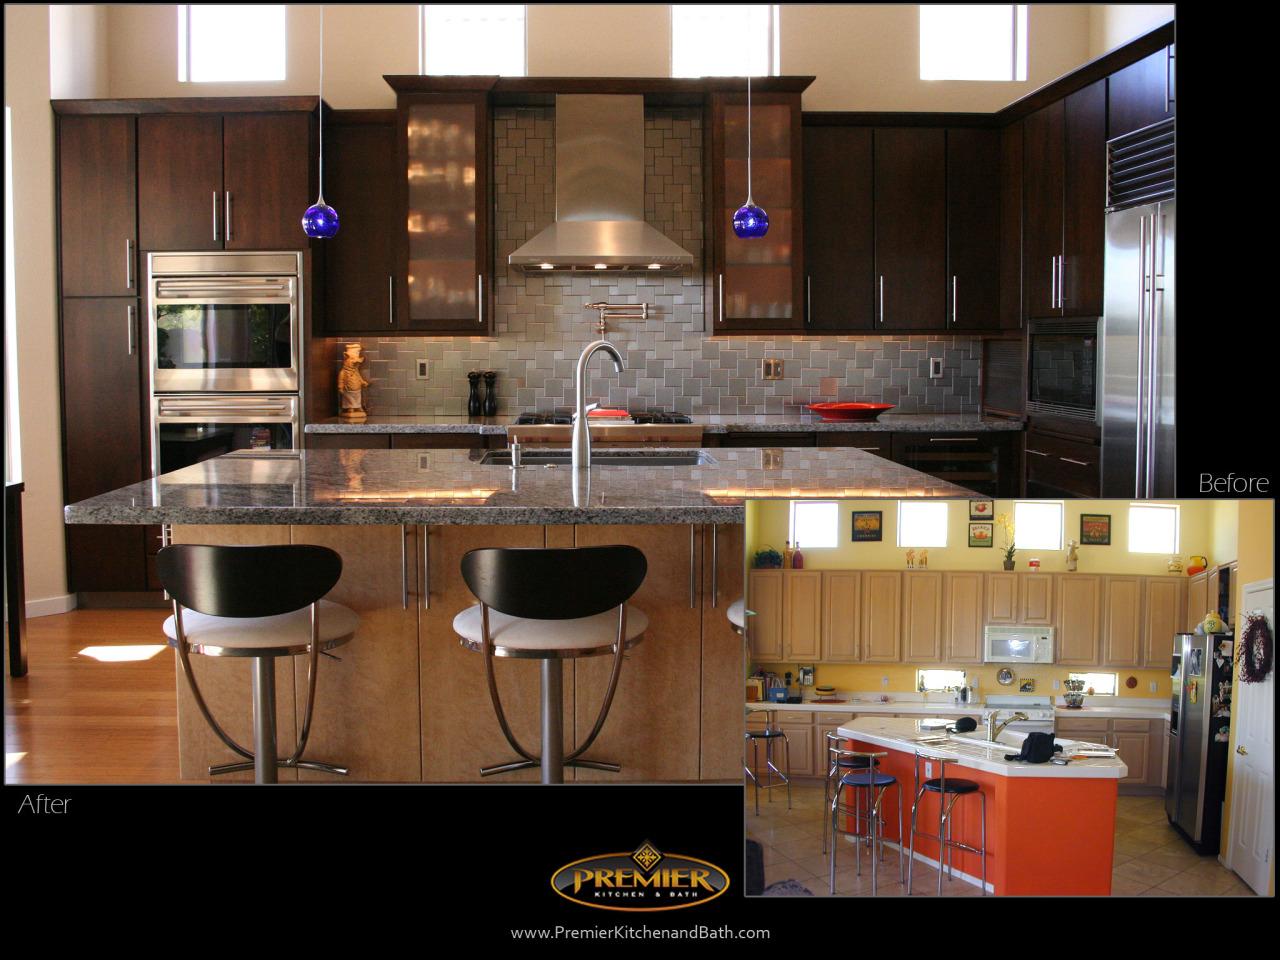 KOHLER Bathroom Remodeling Professionals At Premier Kitchen & Bath In Mesa, AZ